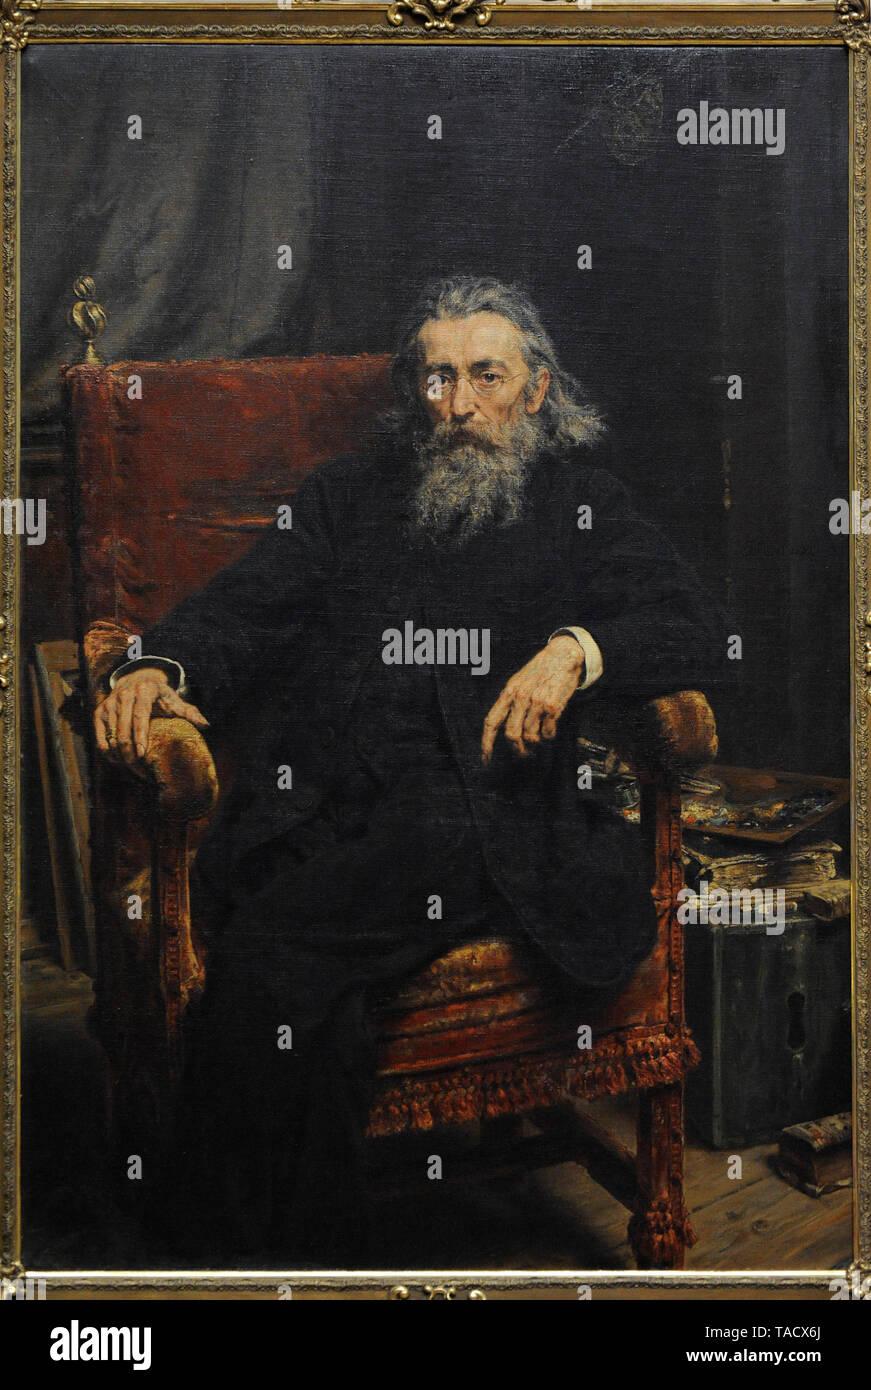 Jan Matejko (1838-1893). Peintre polonais. Auto-portrait, 1892. Musée national. Varsovie. La Pologne. Banque D'Images